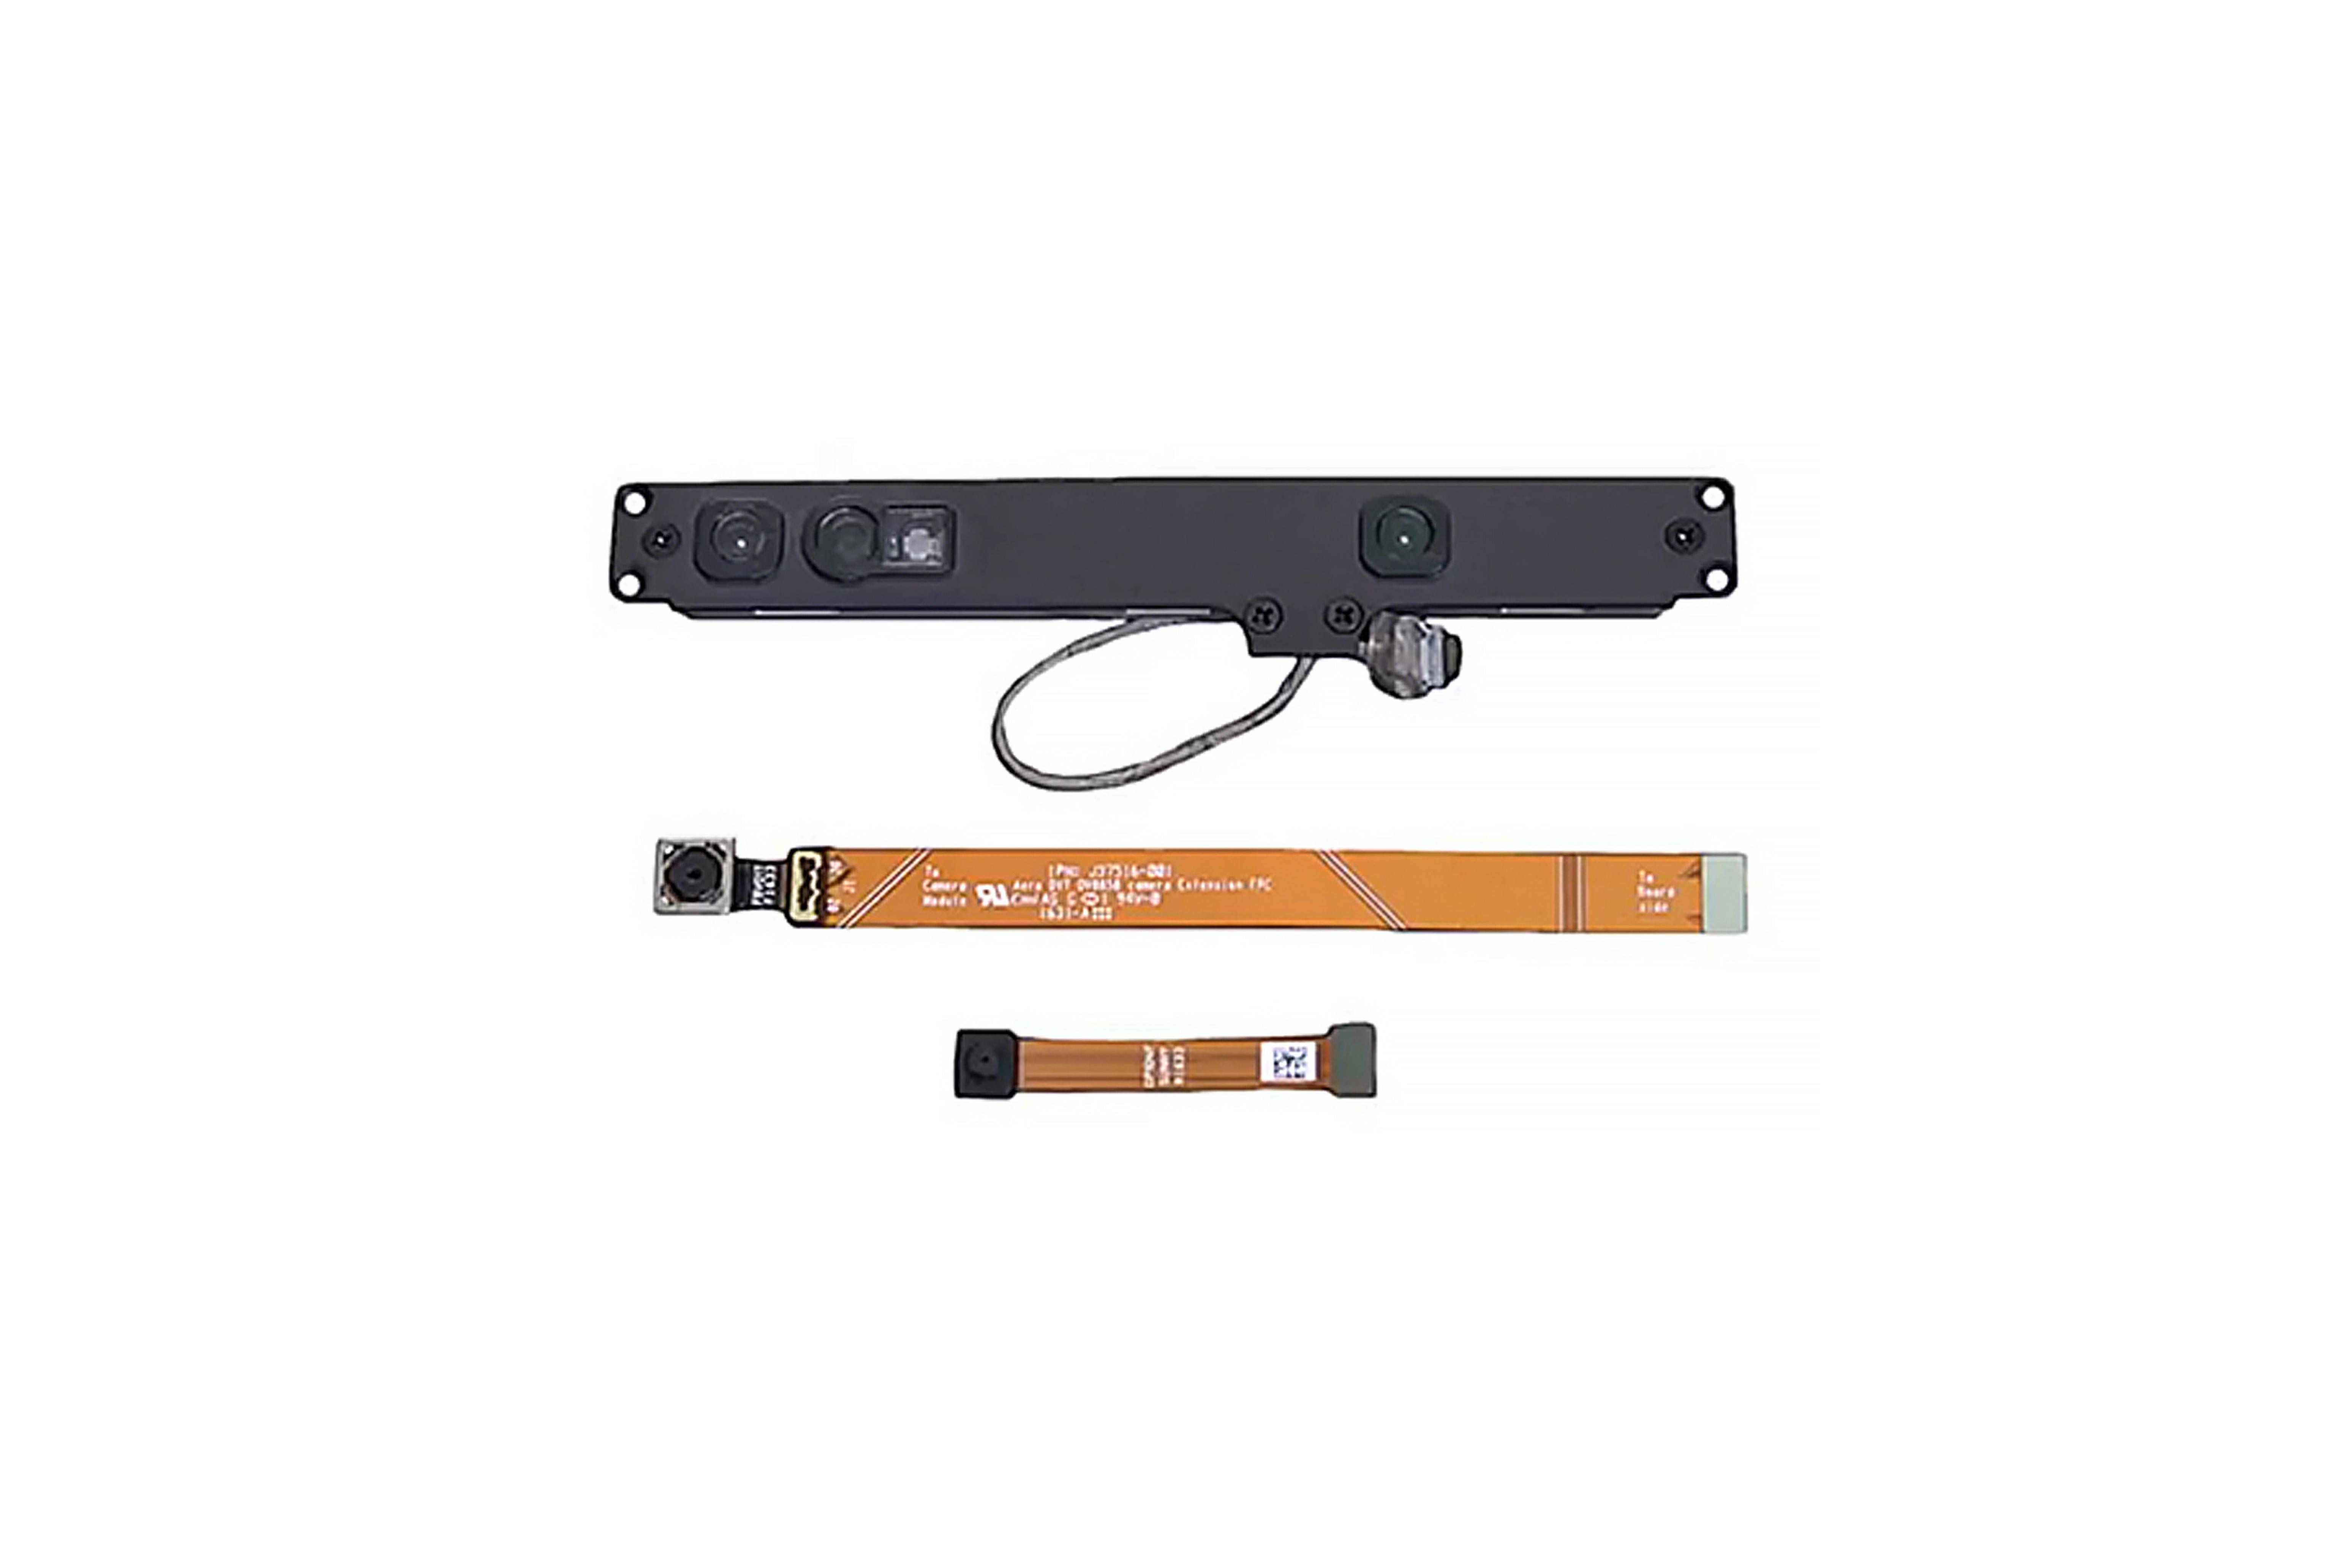 Intel 953184 Aero Vision-accessoireset